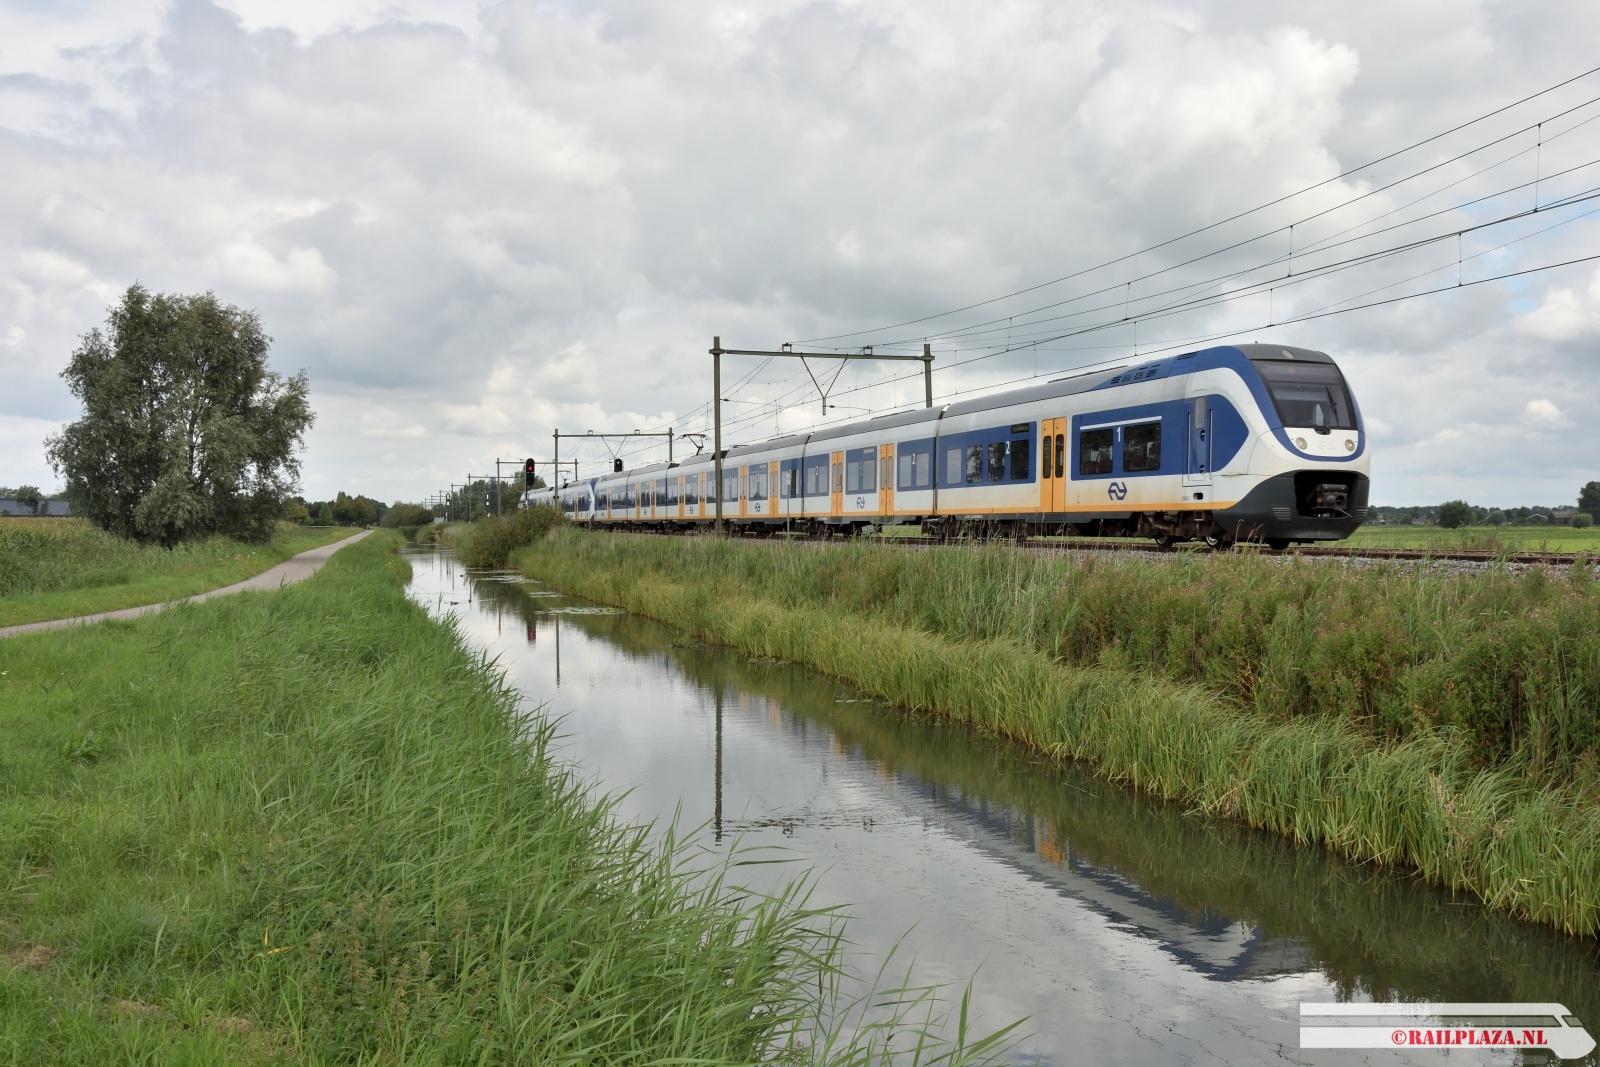 2603 / 2450 - Schalkwijk